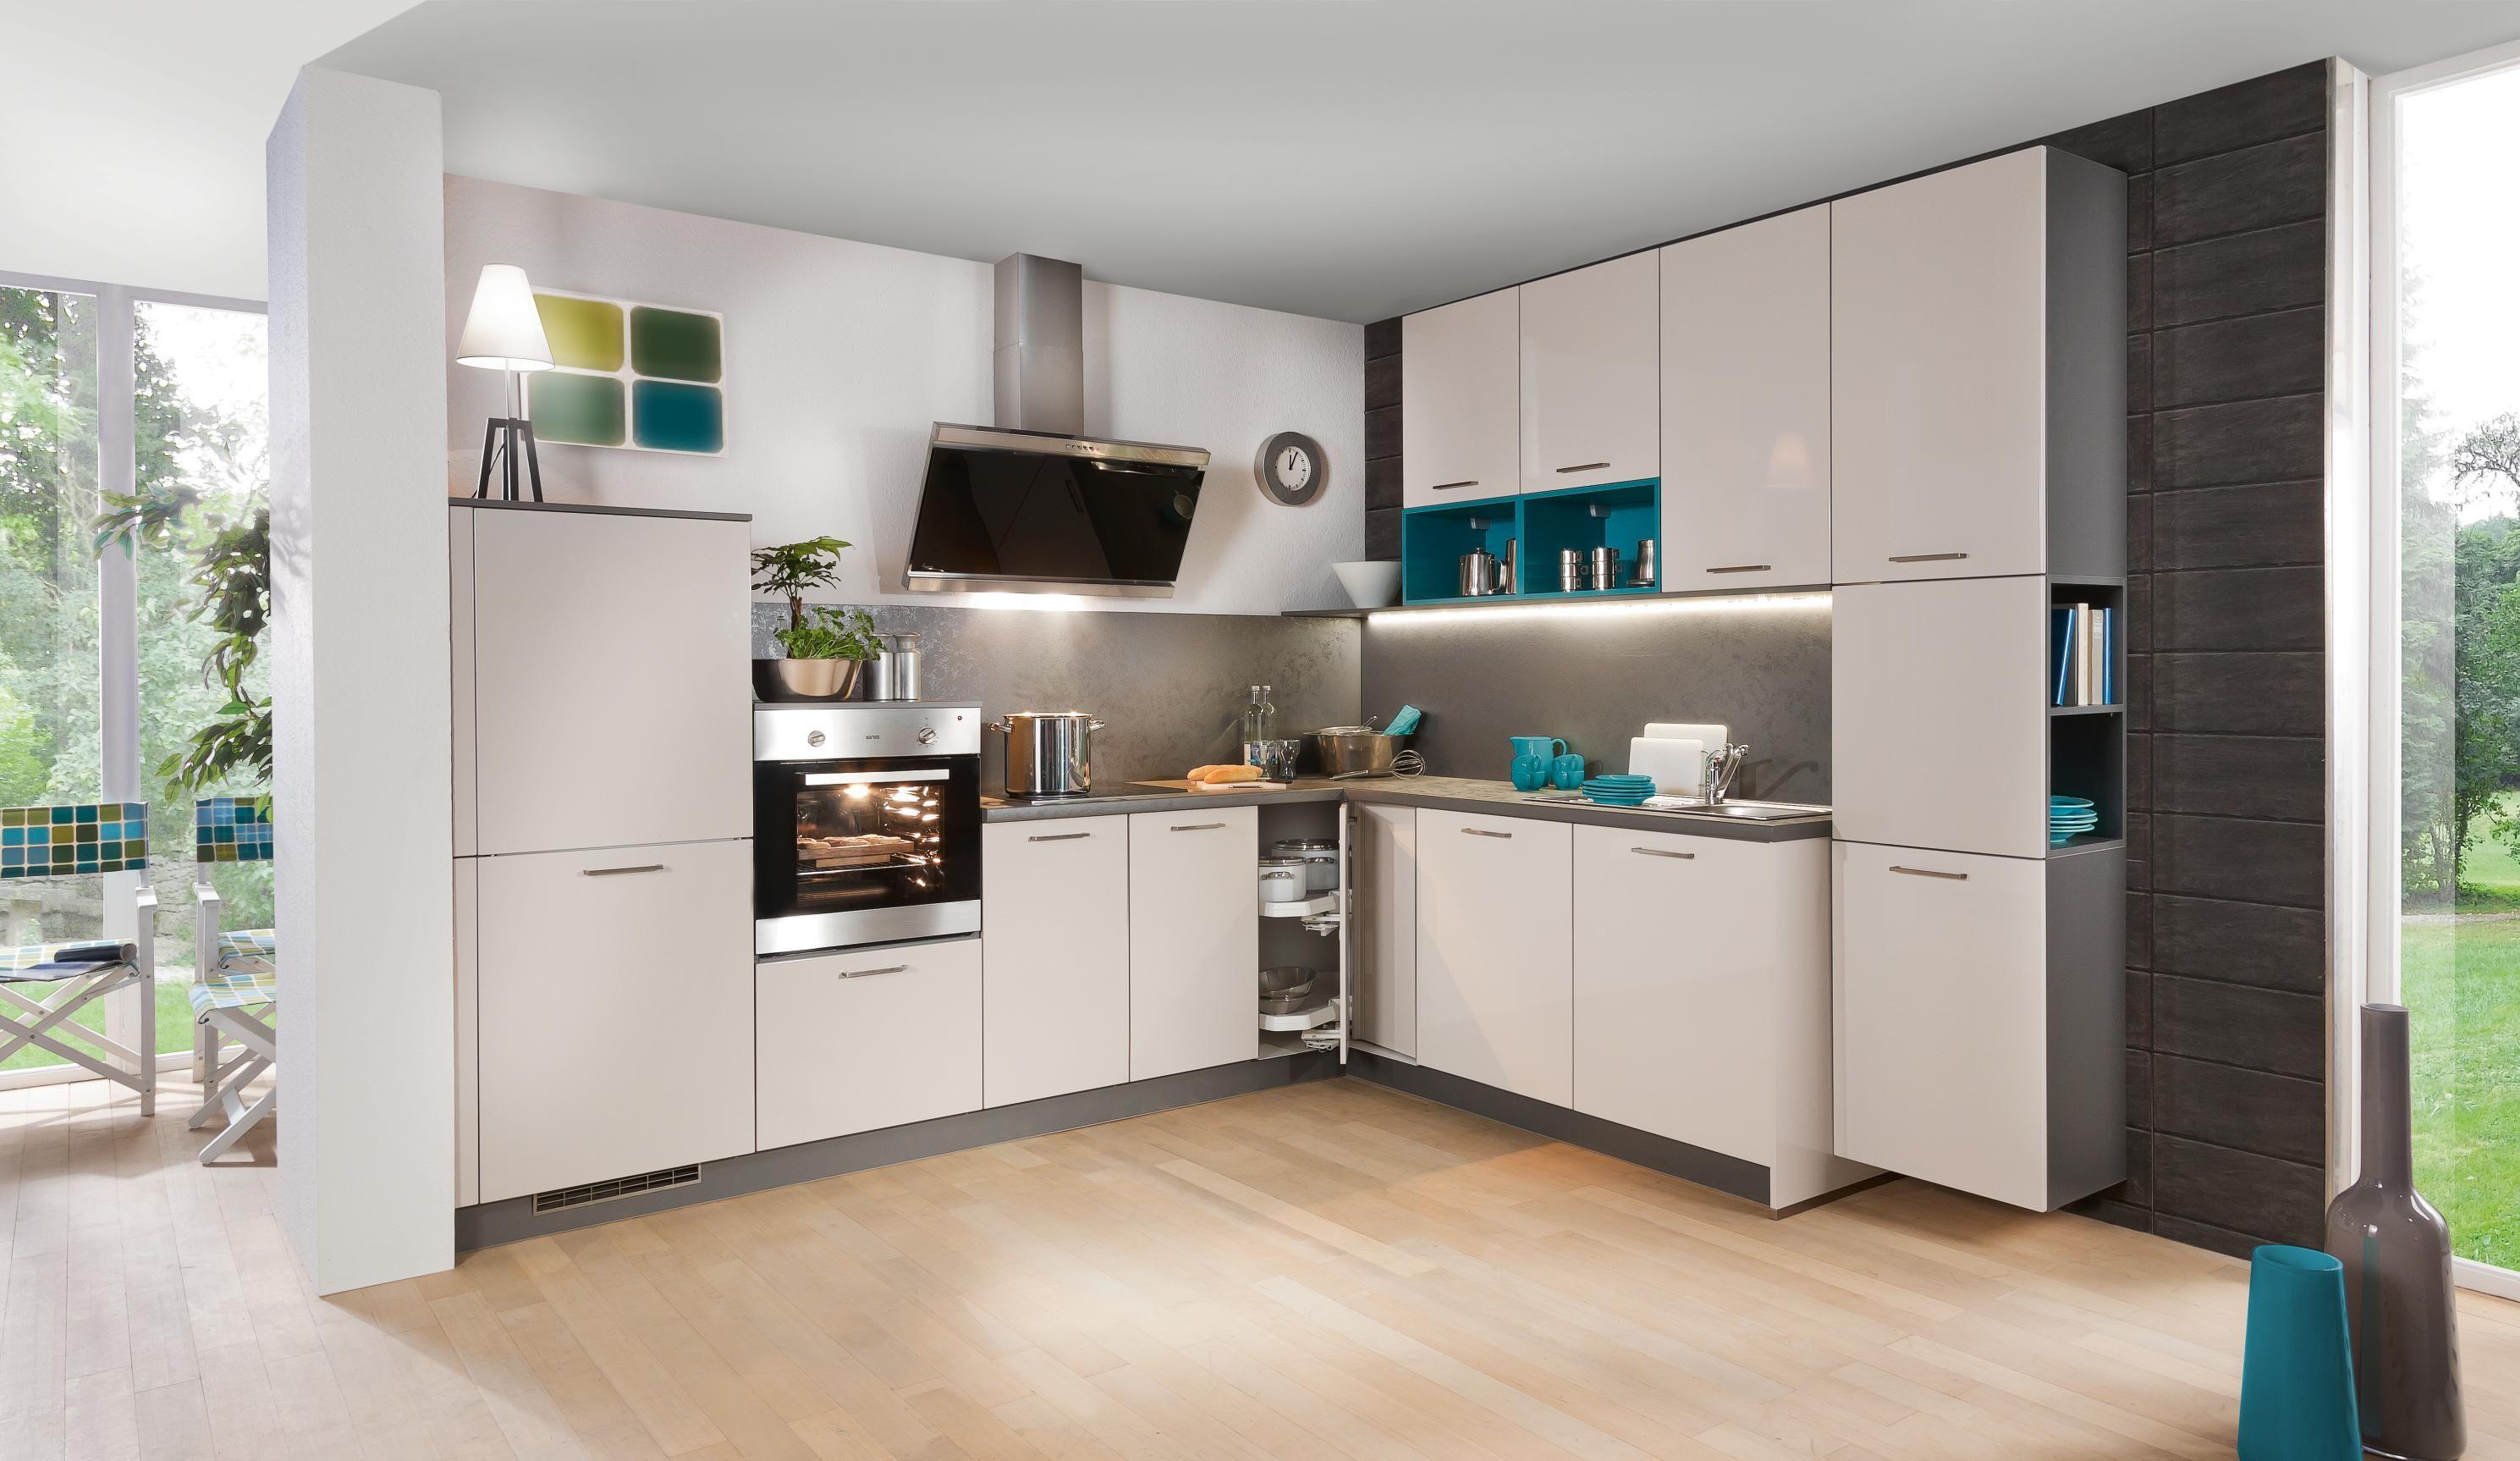 Eckküche für Hobbyköche und Feinschmecker - für stilvollen Wohnkomfort